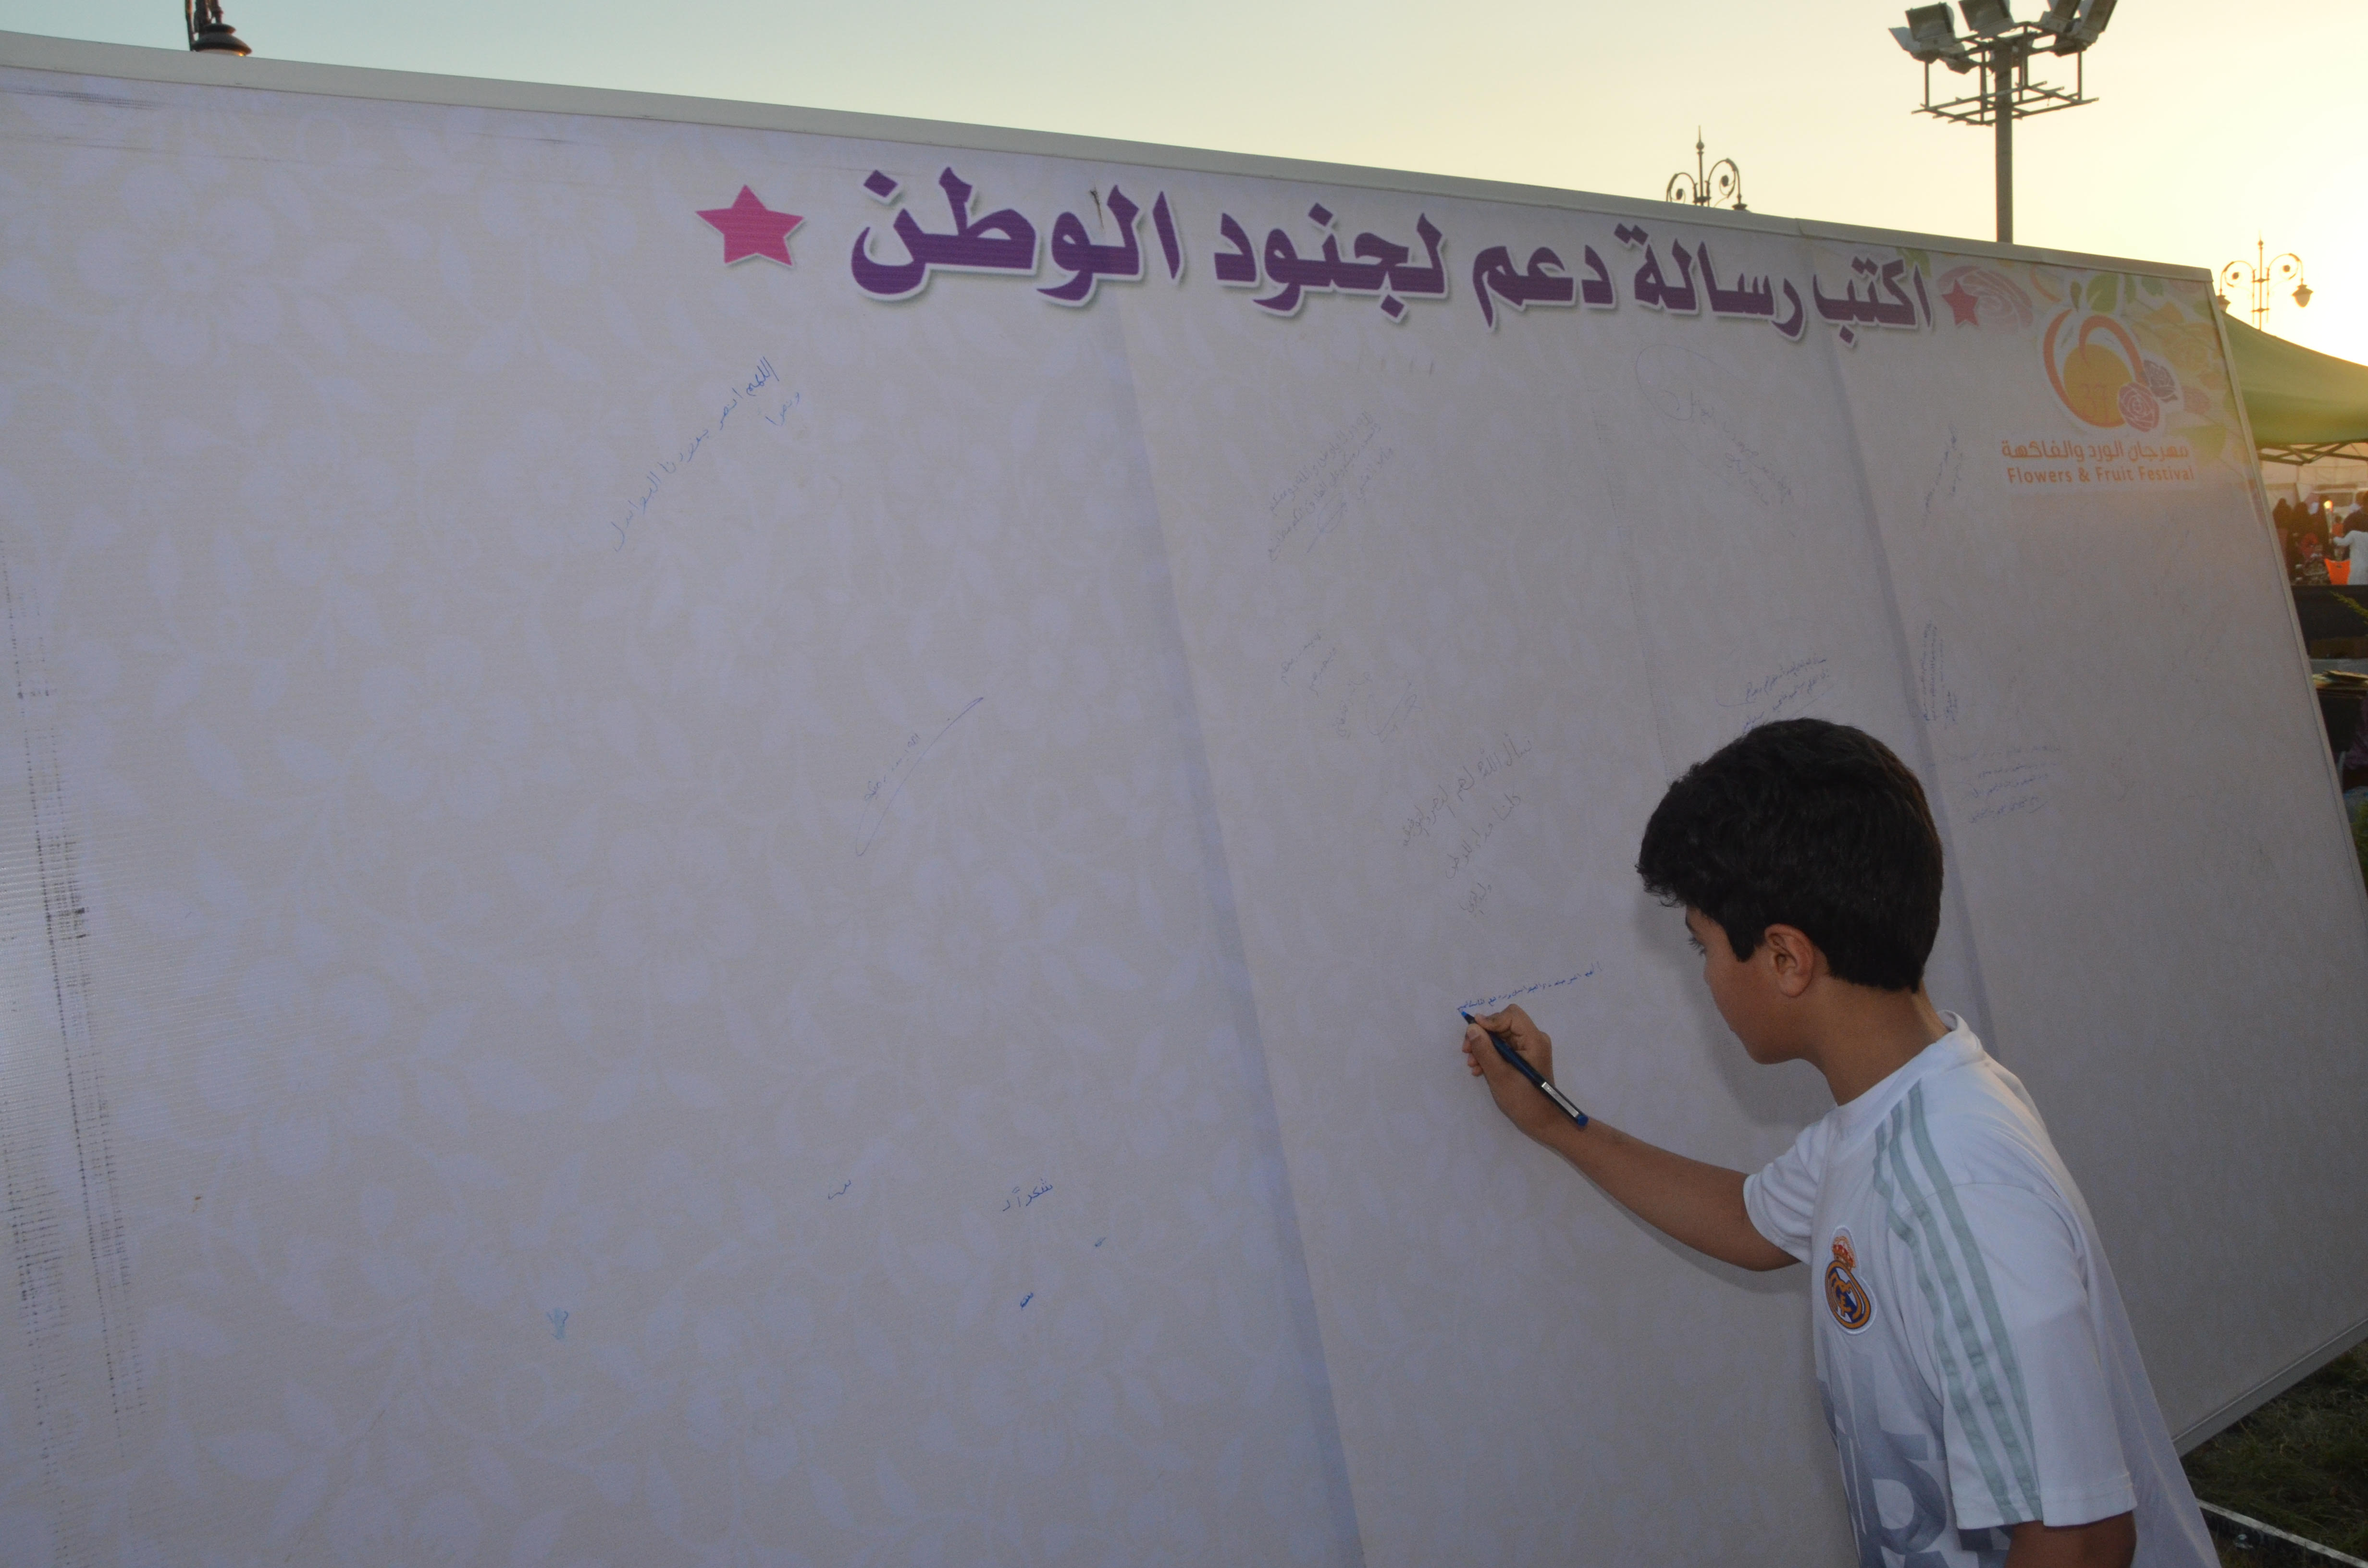 جدارية شهداء الواجب تستوقف زوار مهرجان الورد والفاكهة (6)